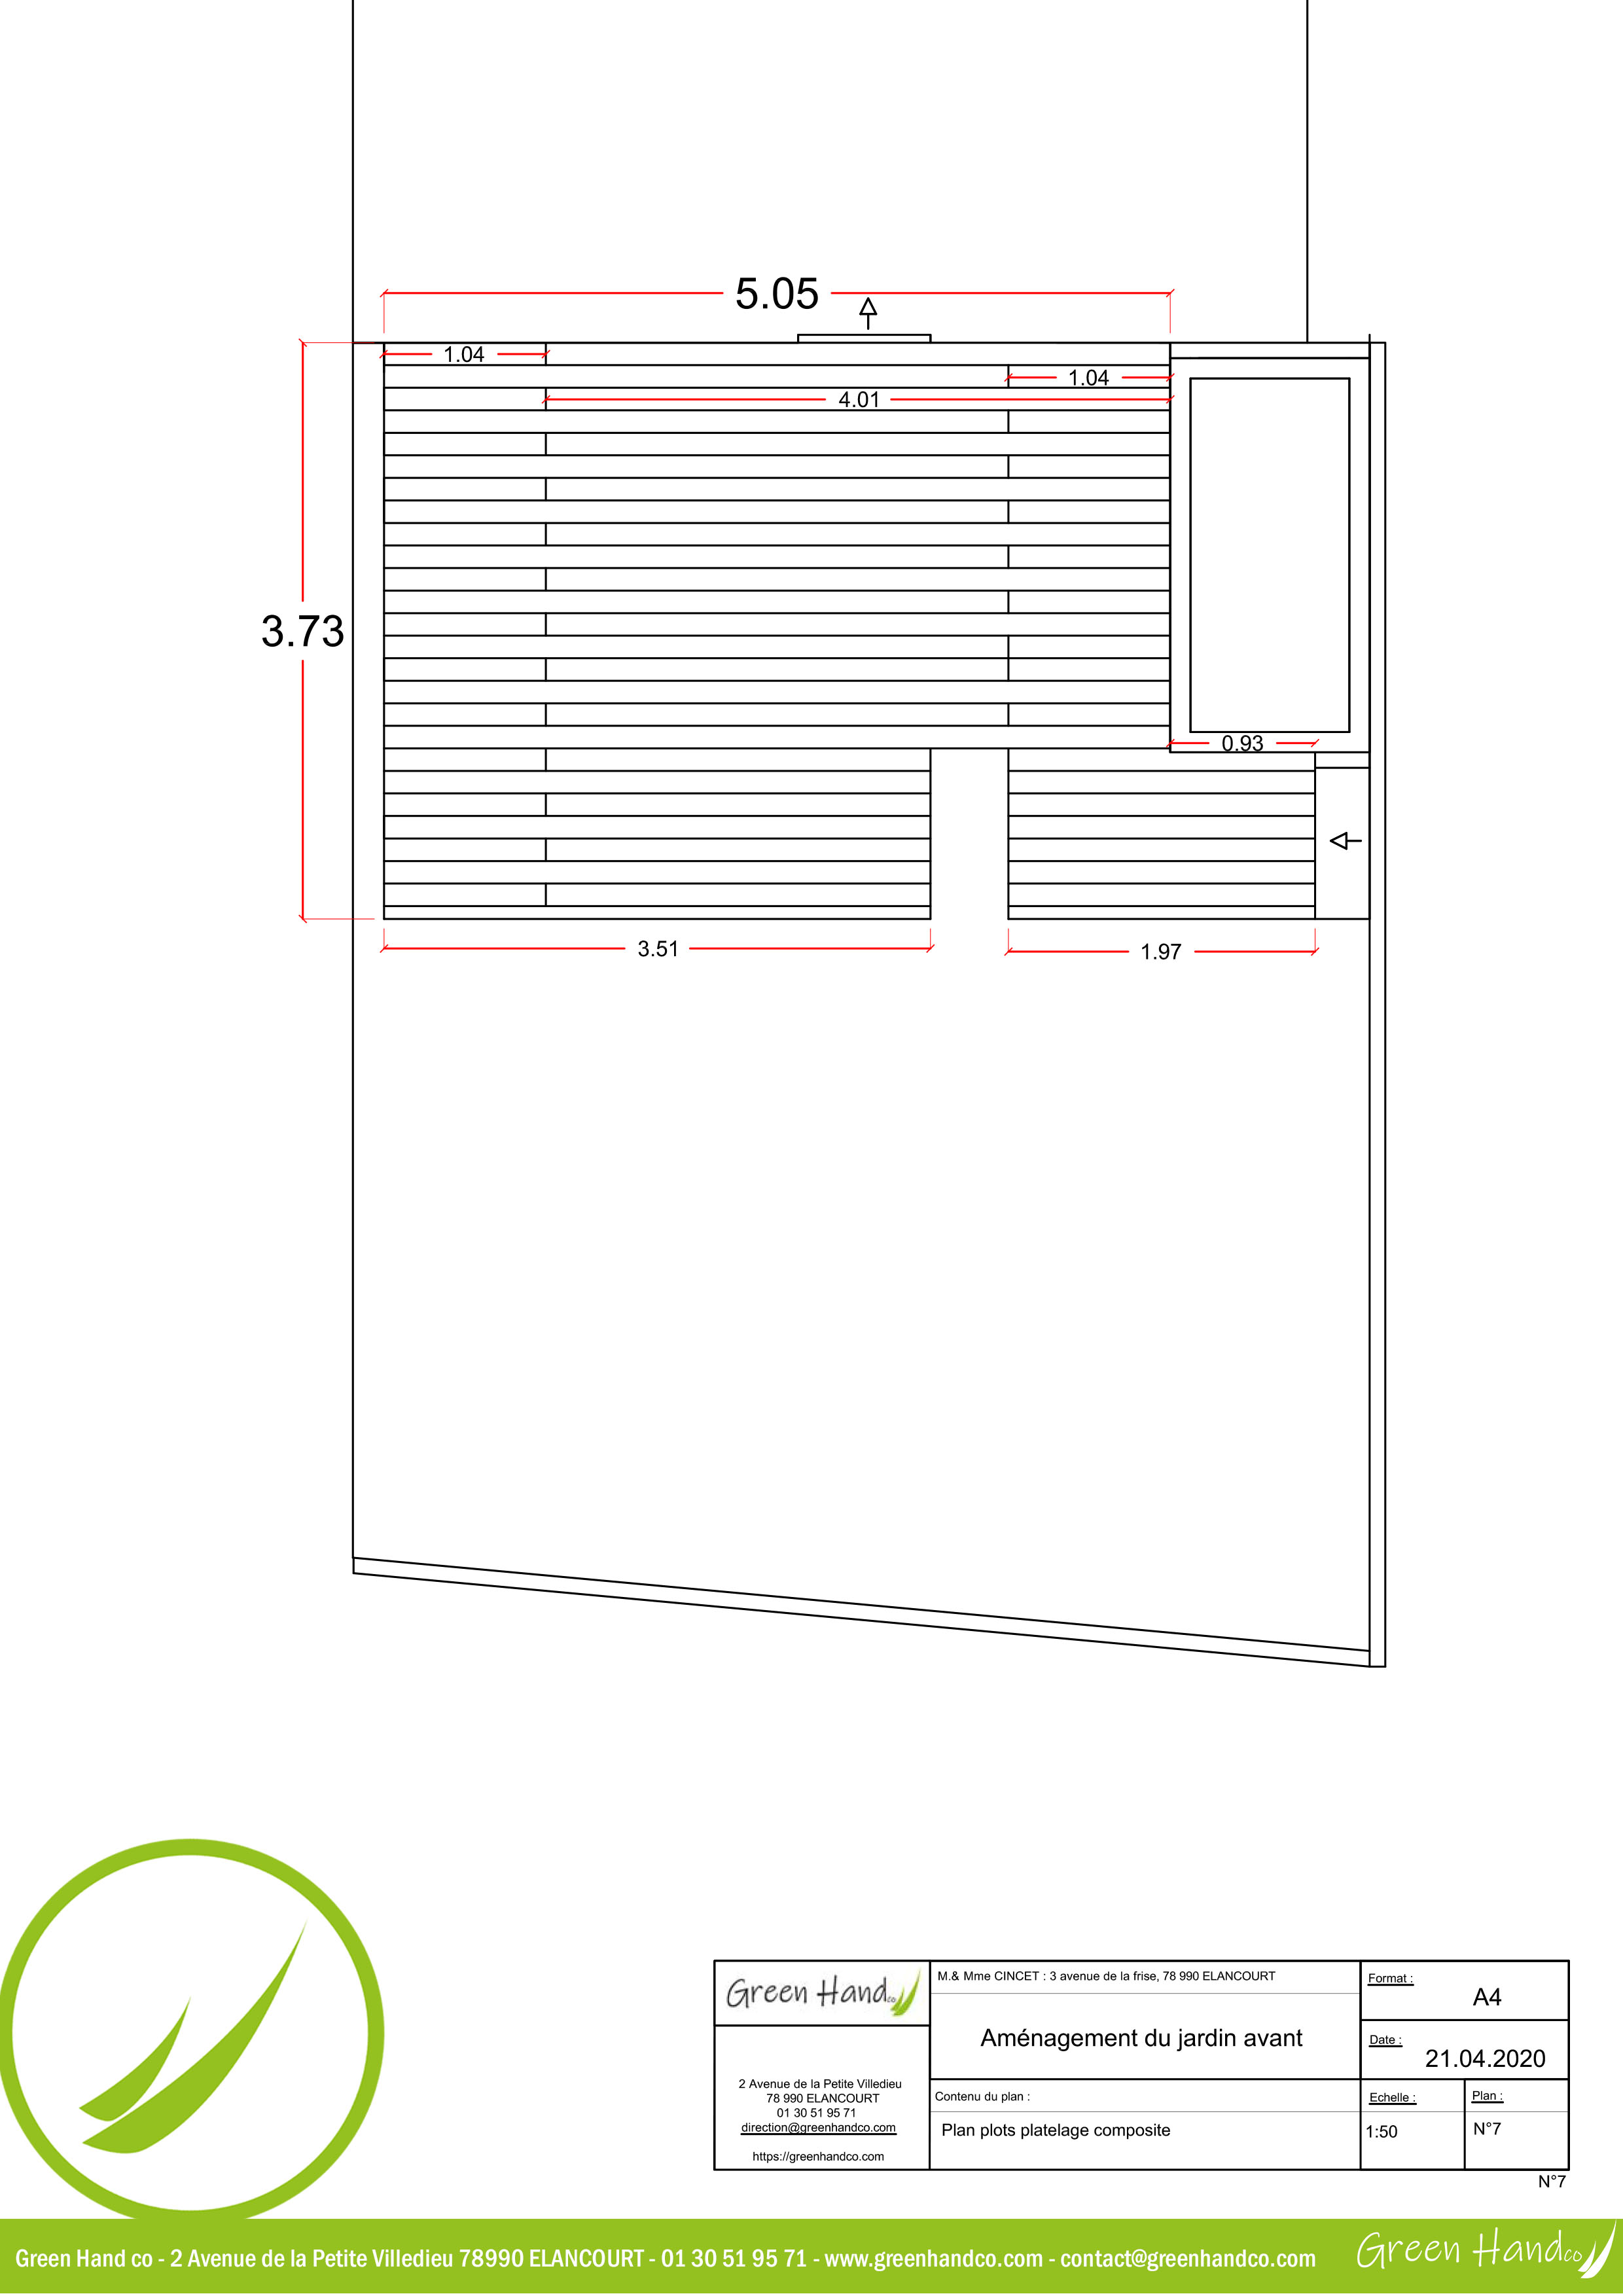 Terrasse bois, composite, Sur mesure, conception, création, ouvrage bois, Green Hand co,GHC, création espaces verts, entretien espaces verts, travaux de plantation, aménagement jardin, réaménagement jardin